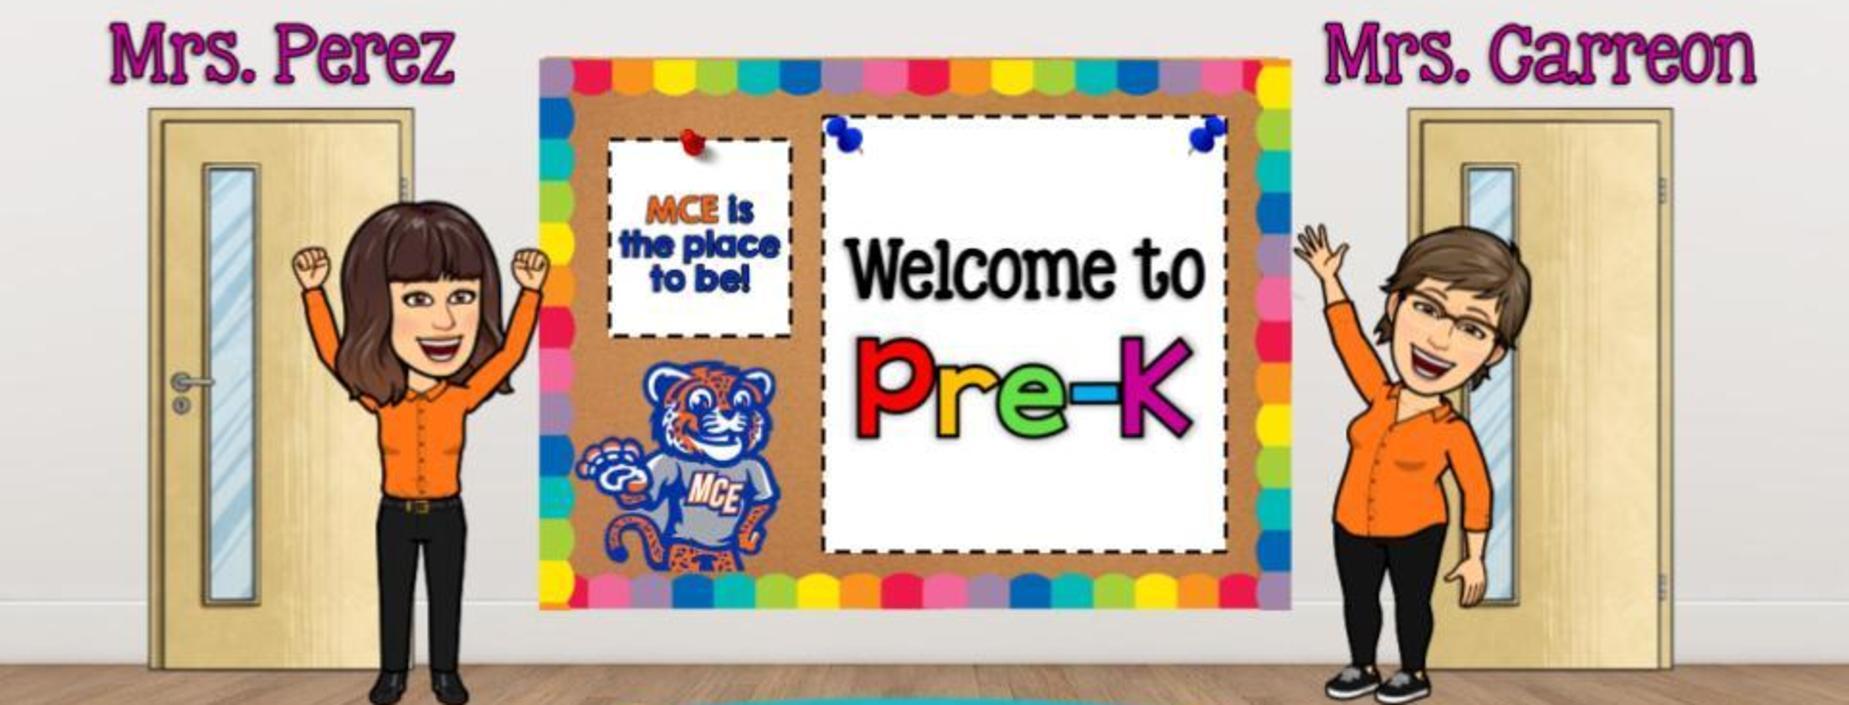 Prek Kinder Emoji Group